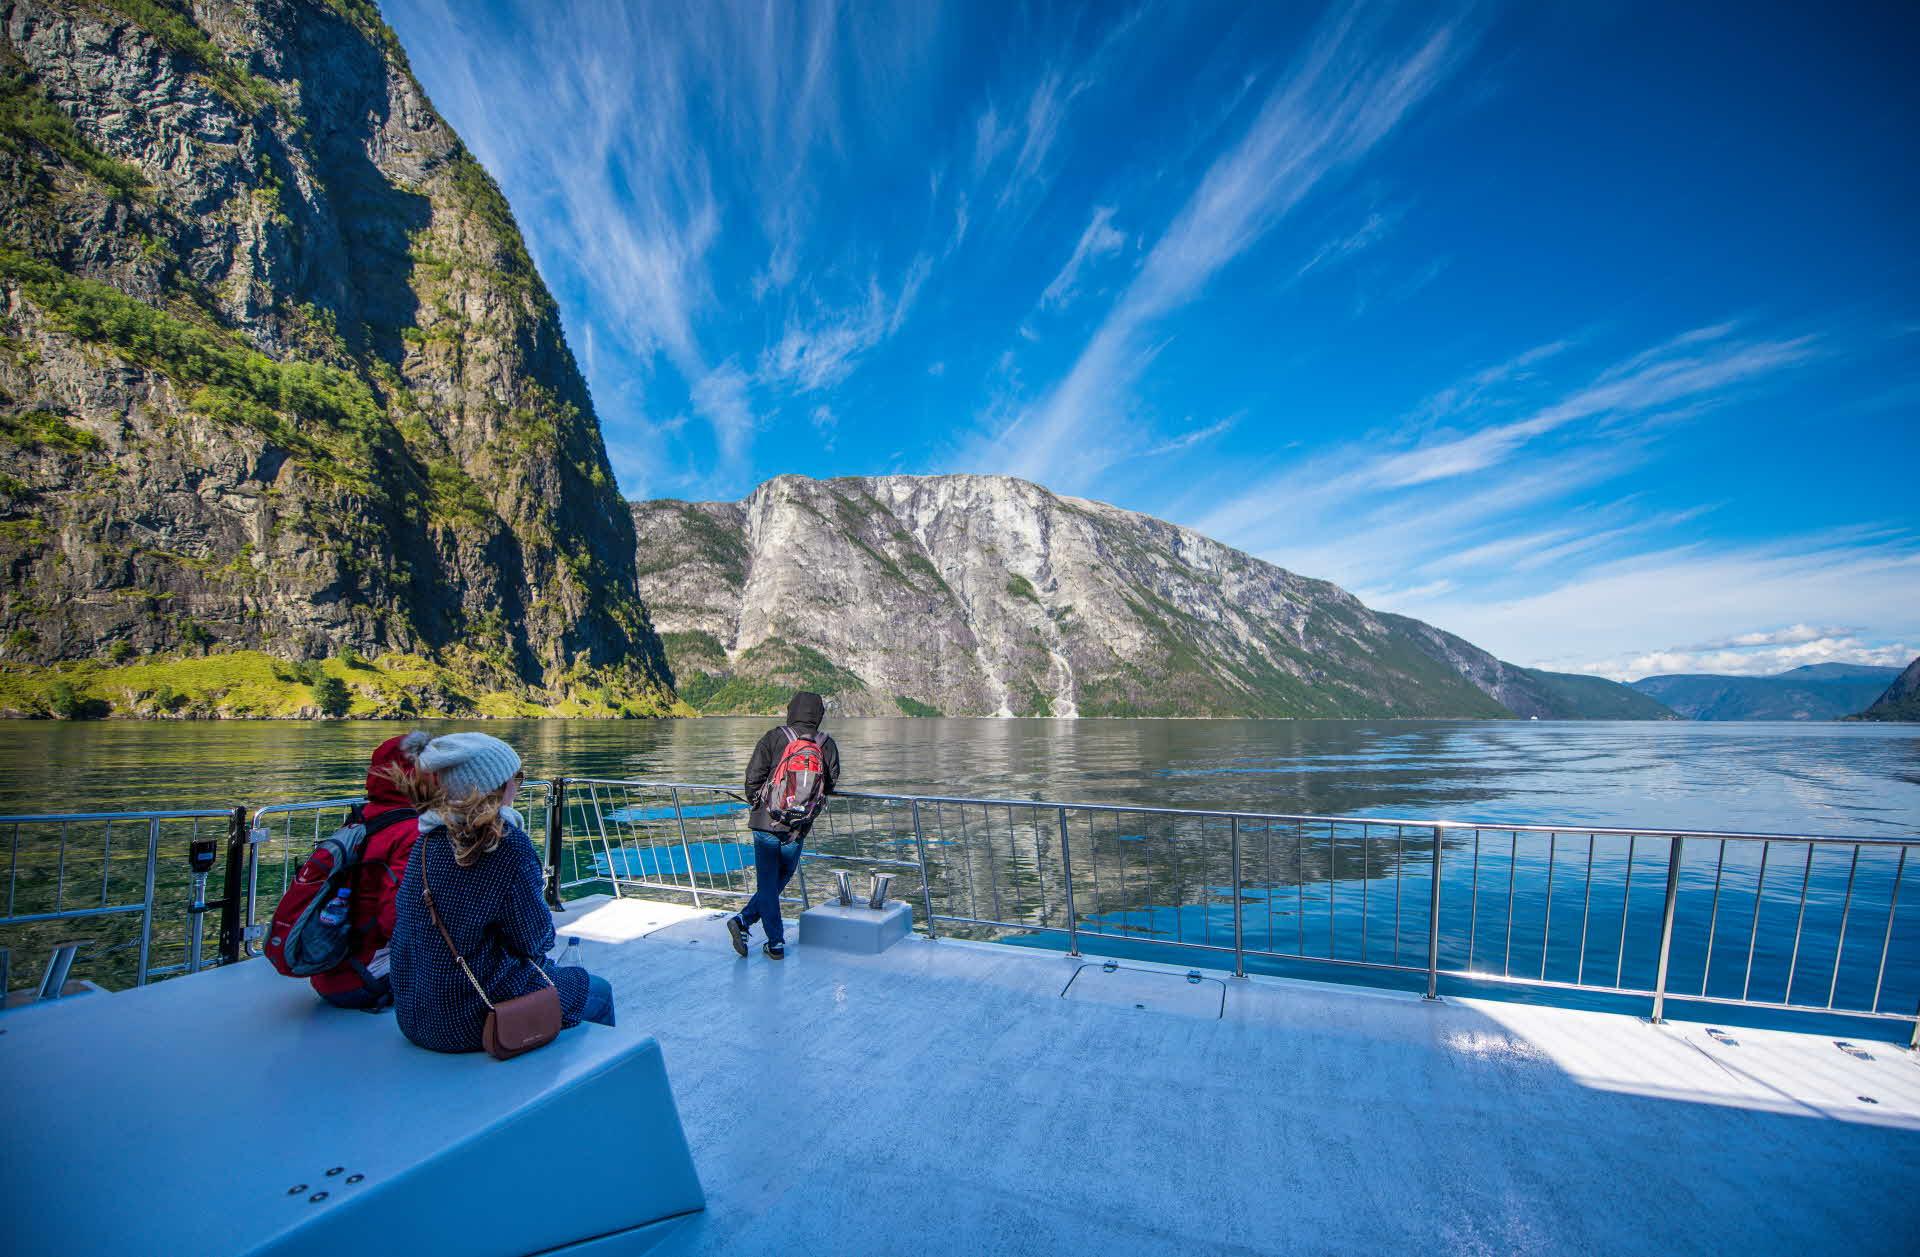 3 mennesker nyter utsikten fra fordekket på Future of The Fjords når den seiler gjennom spektakulære Nærøyfjorden